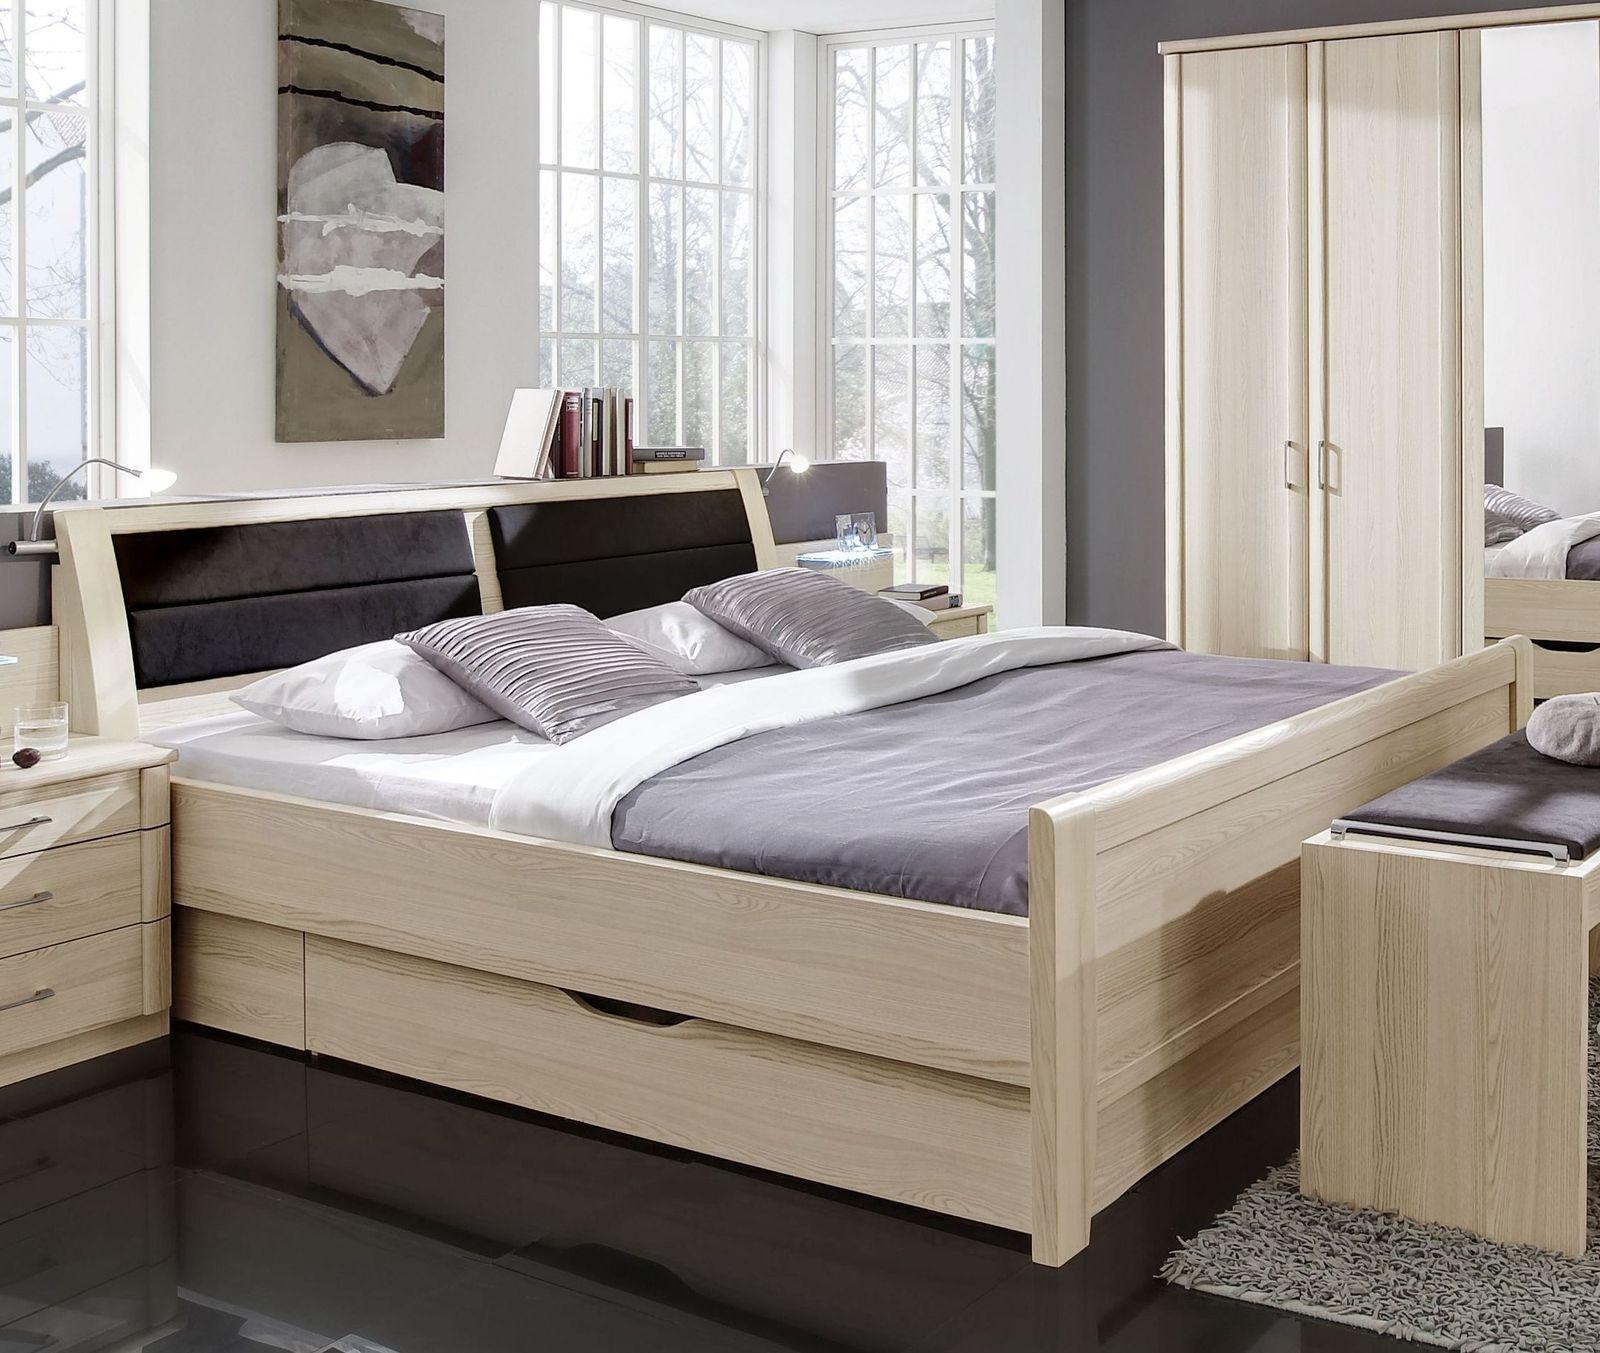 Uberbau Schlafzimmer In Edel Esche Dekor Fur Senioren Palena